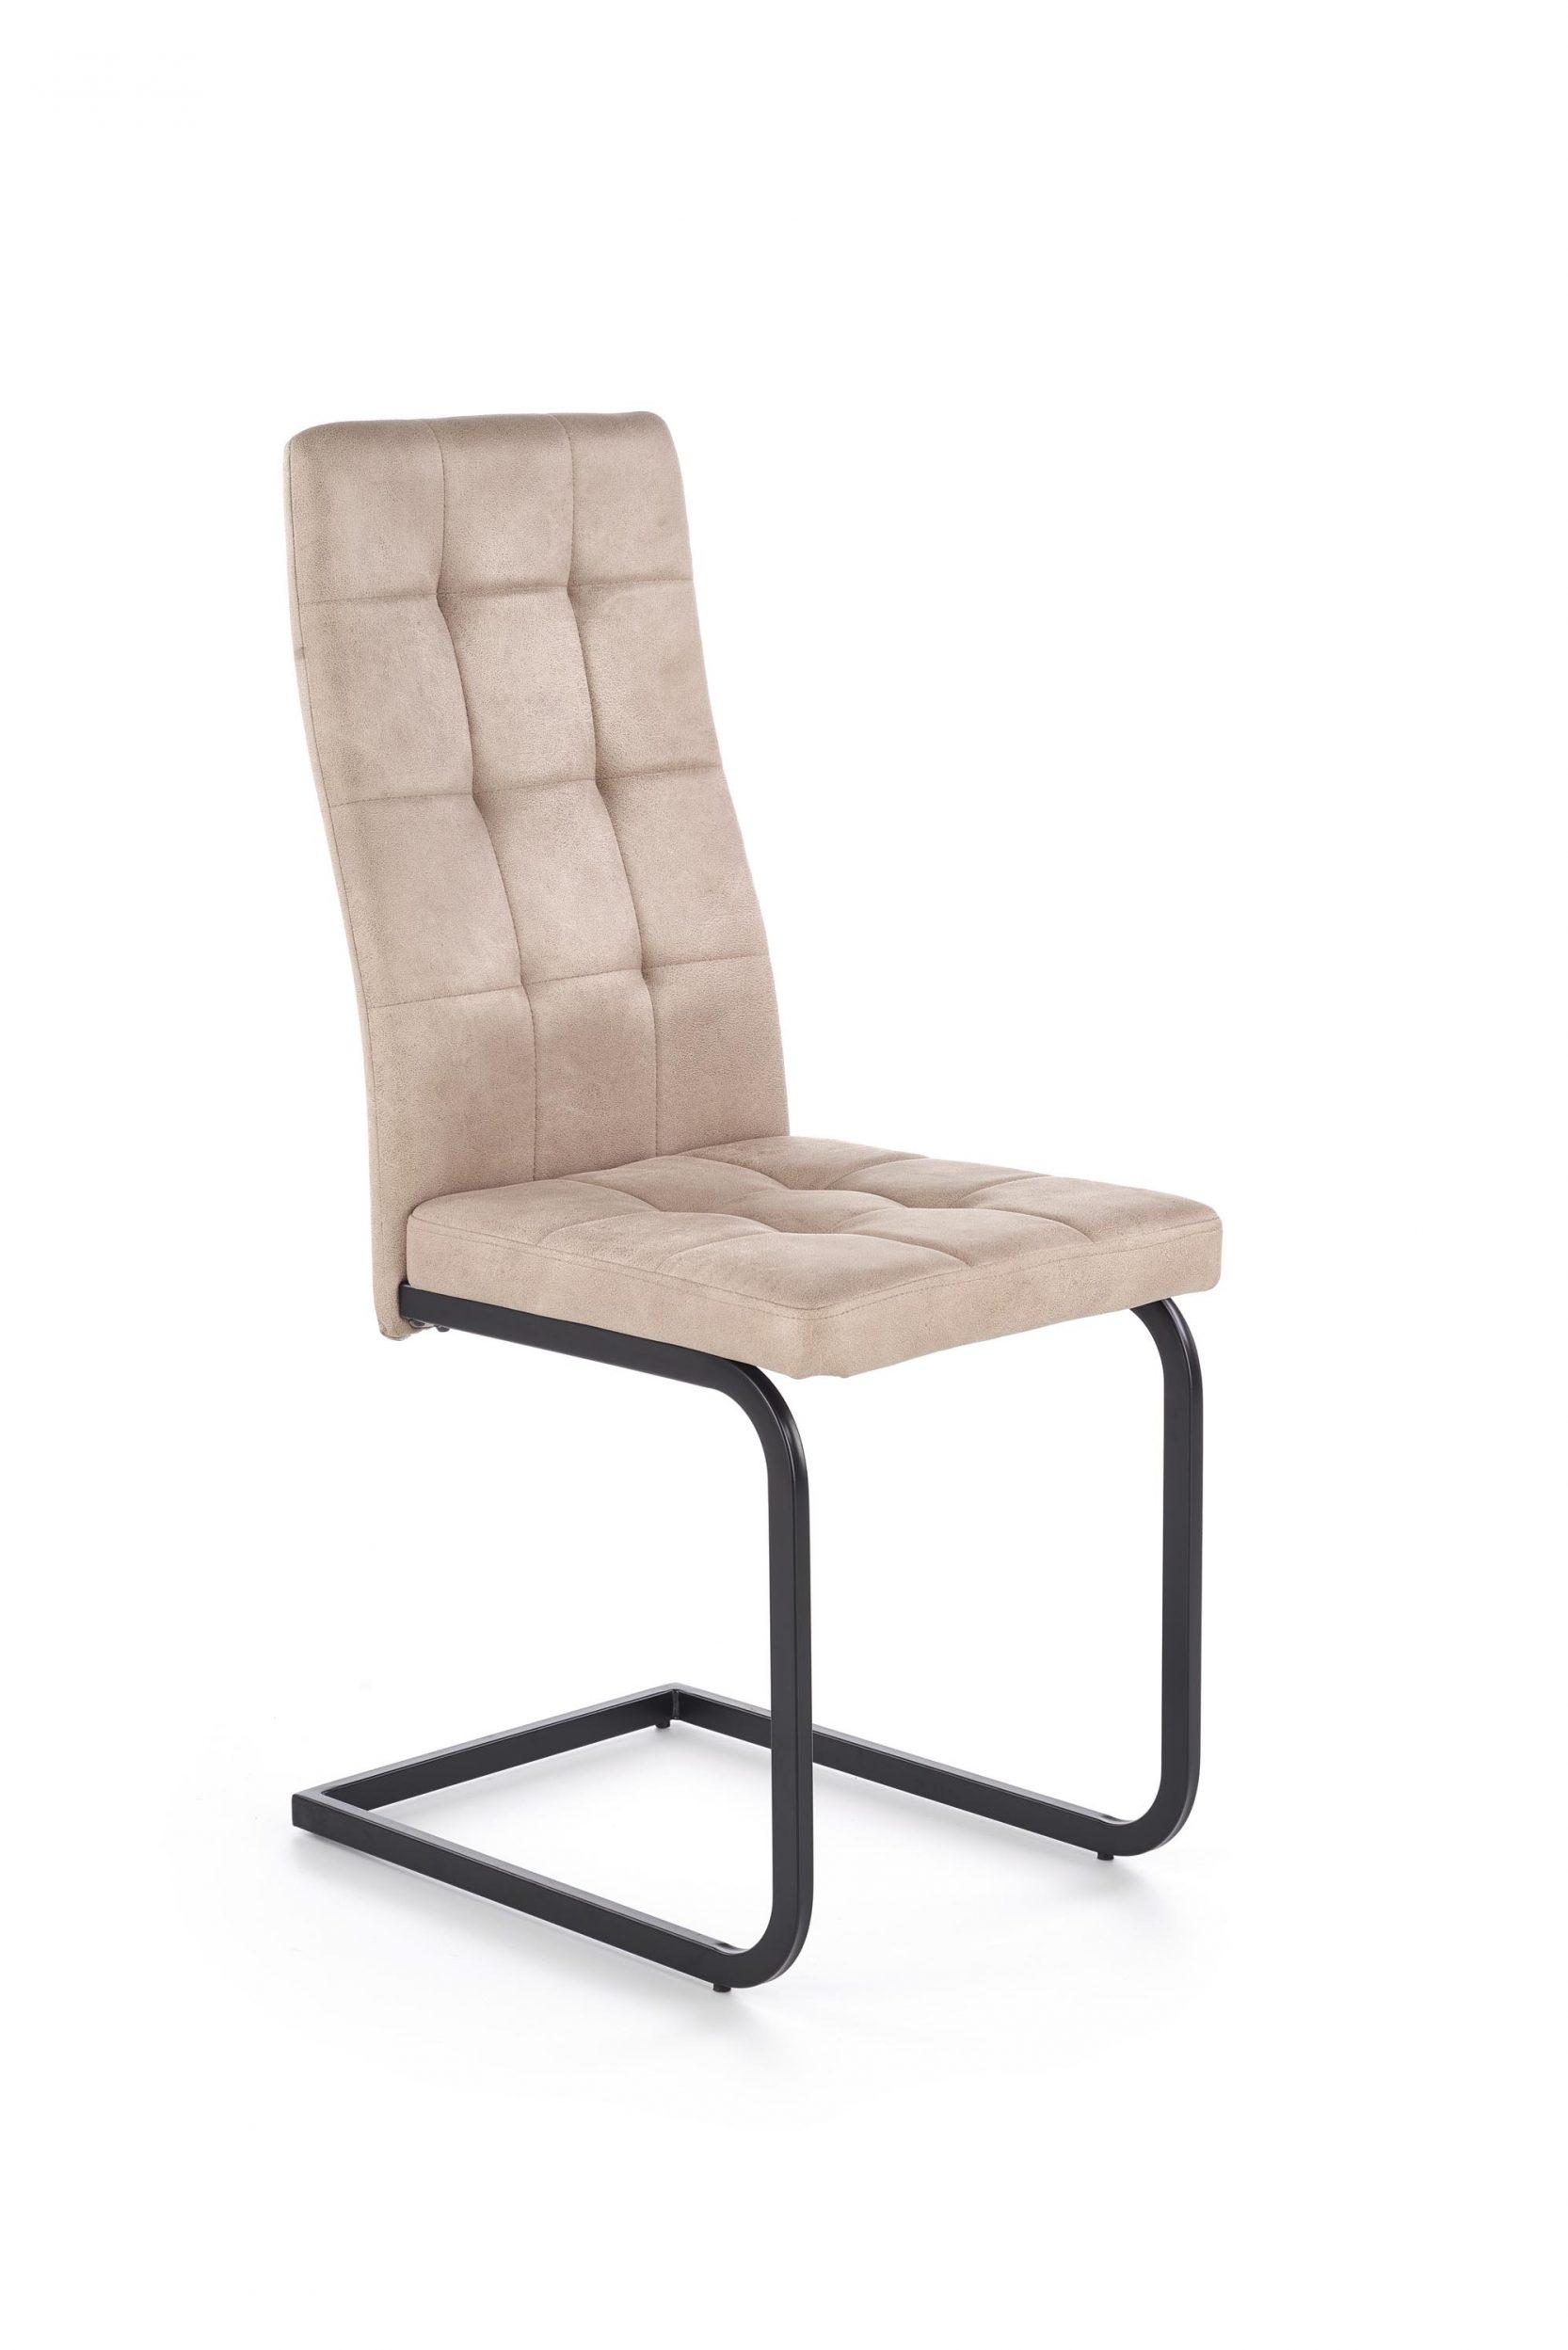 Scaun tapitat cu piele ecologica, cu picioare metalice K310 Bej, l42xA57xH100 cm